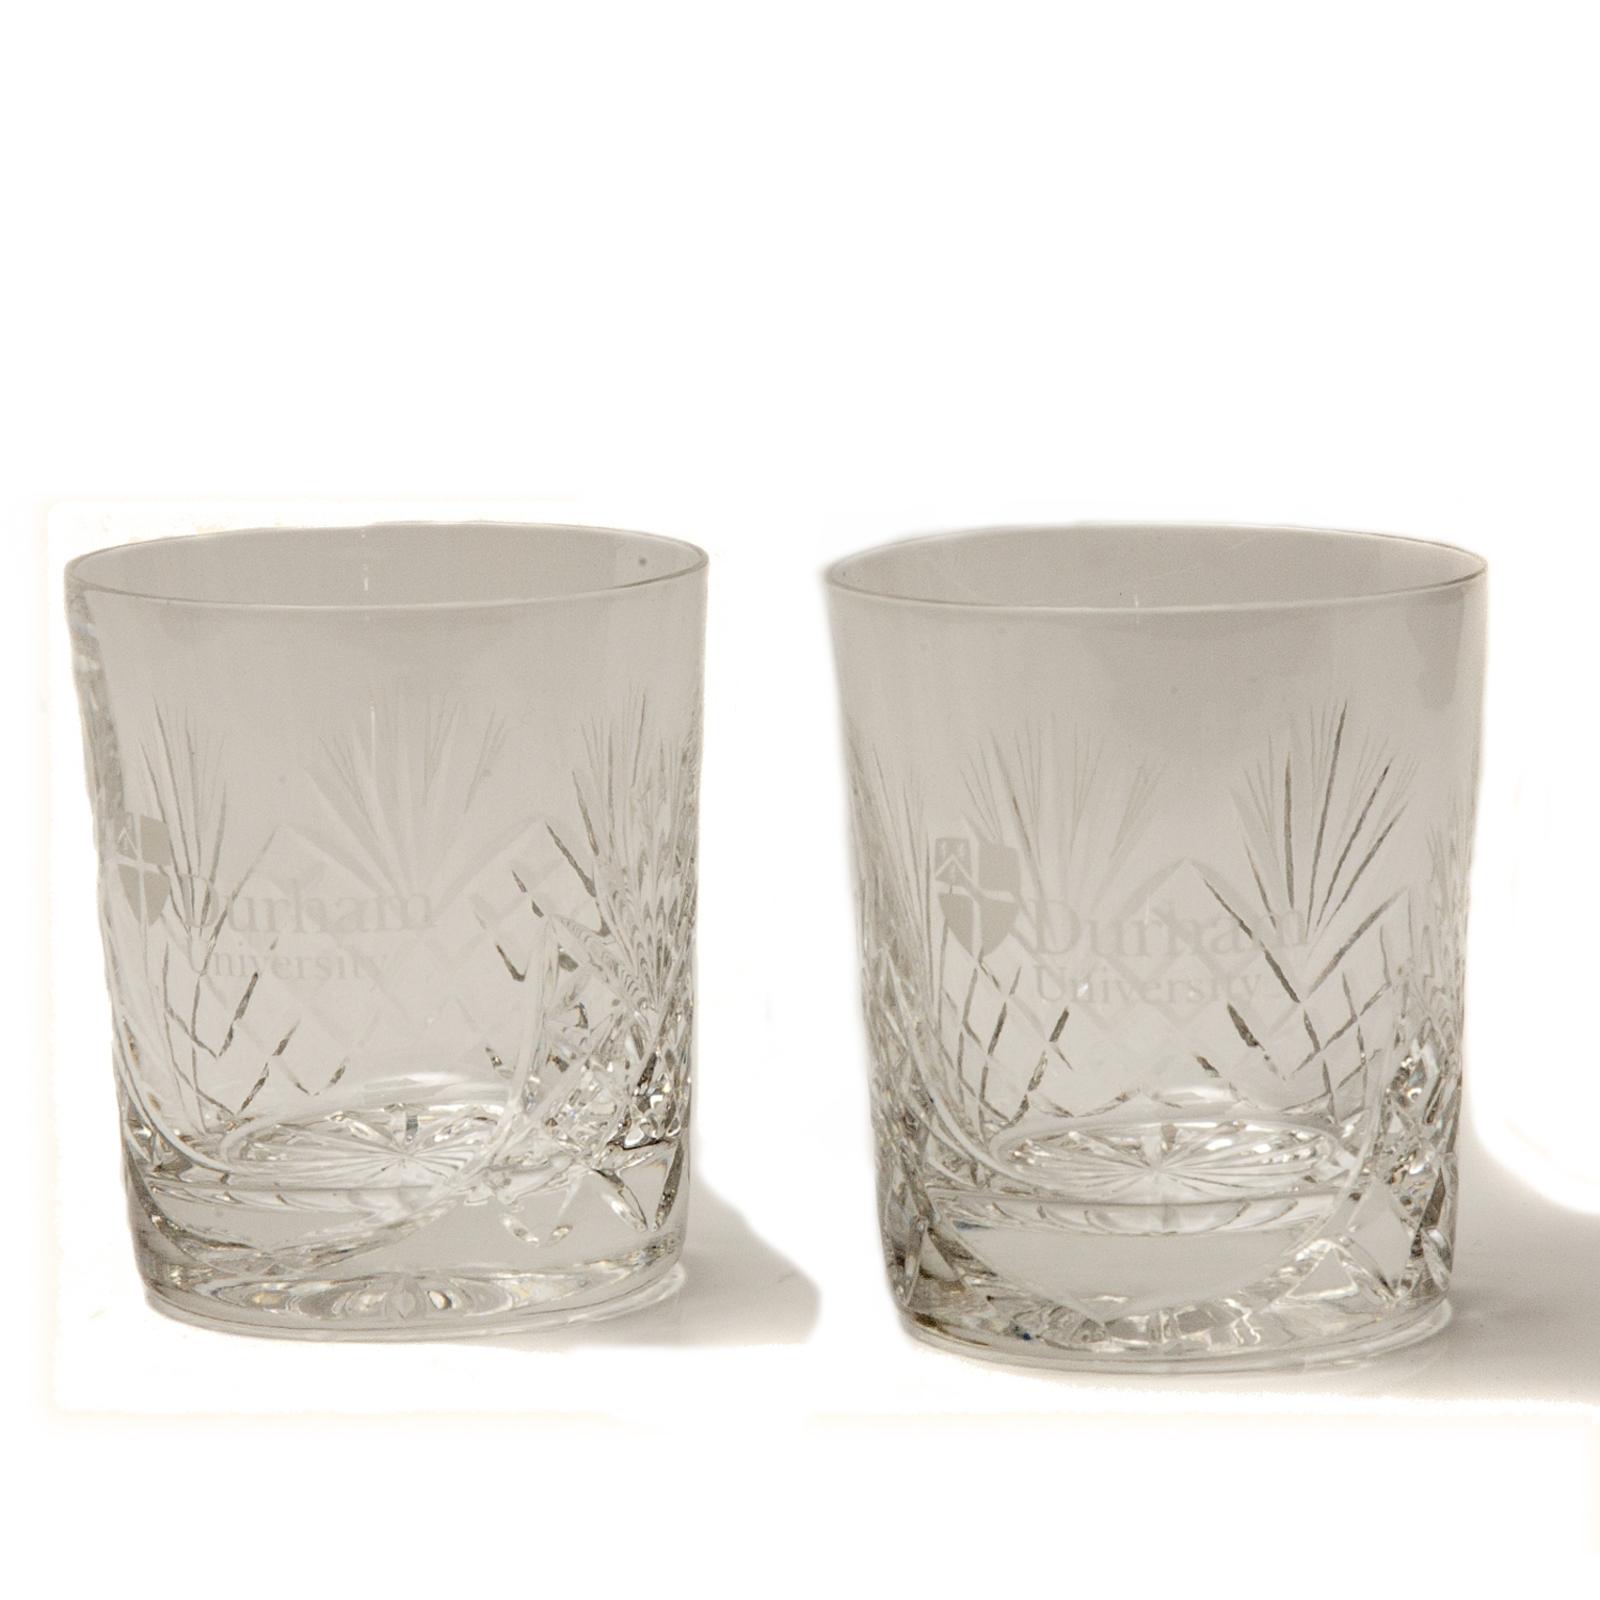 whisky glass set at durham university official shop. Black Bedroom Furniture Sets. Home Design Ideas